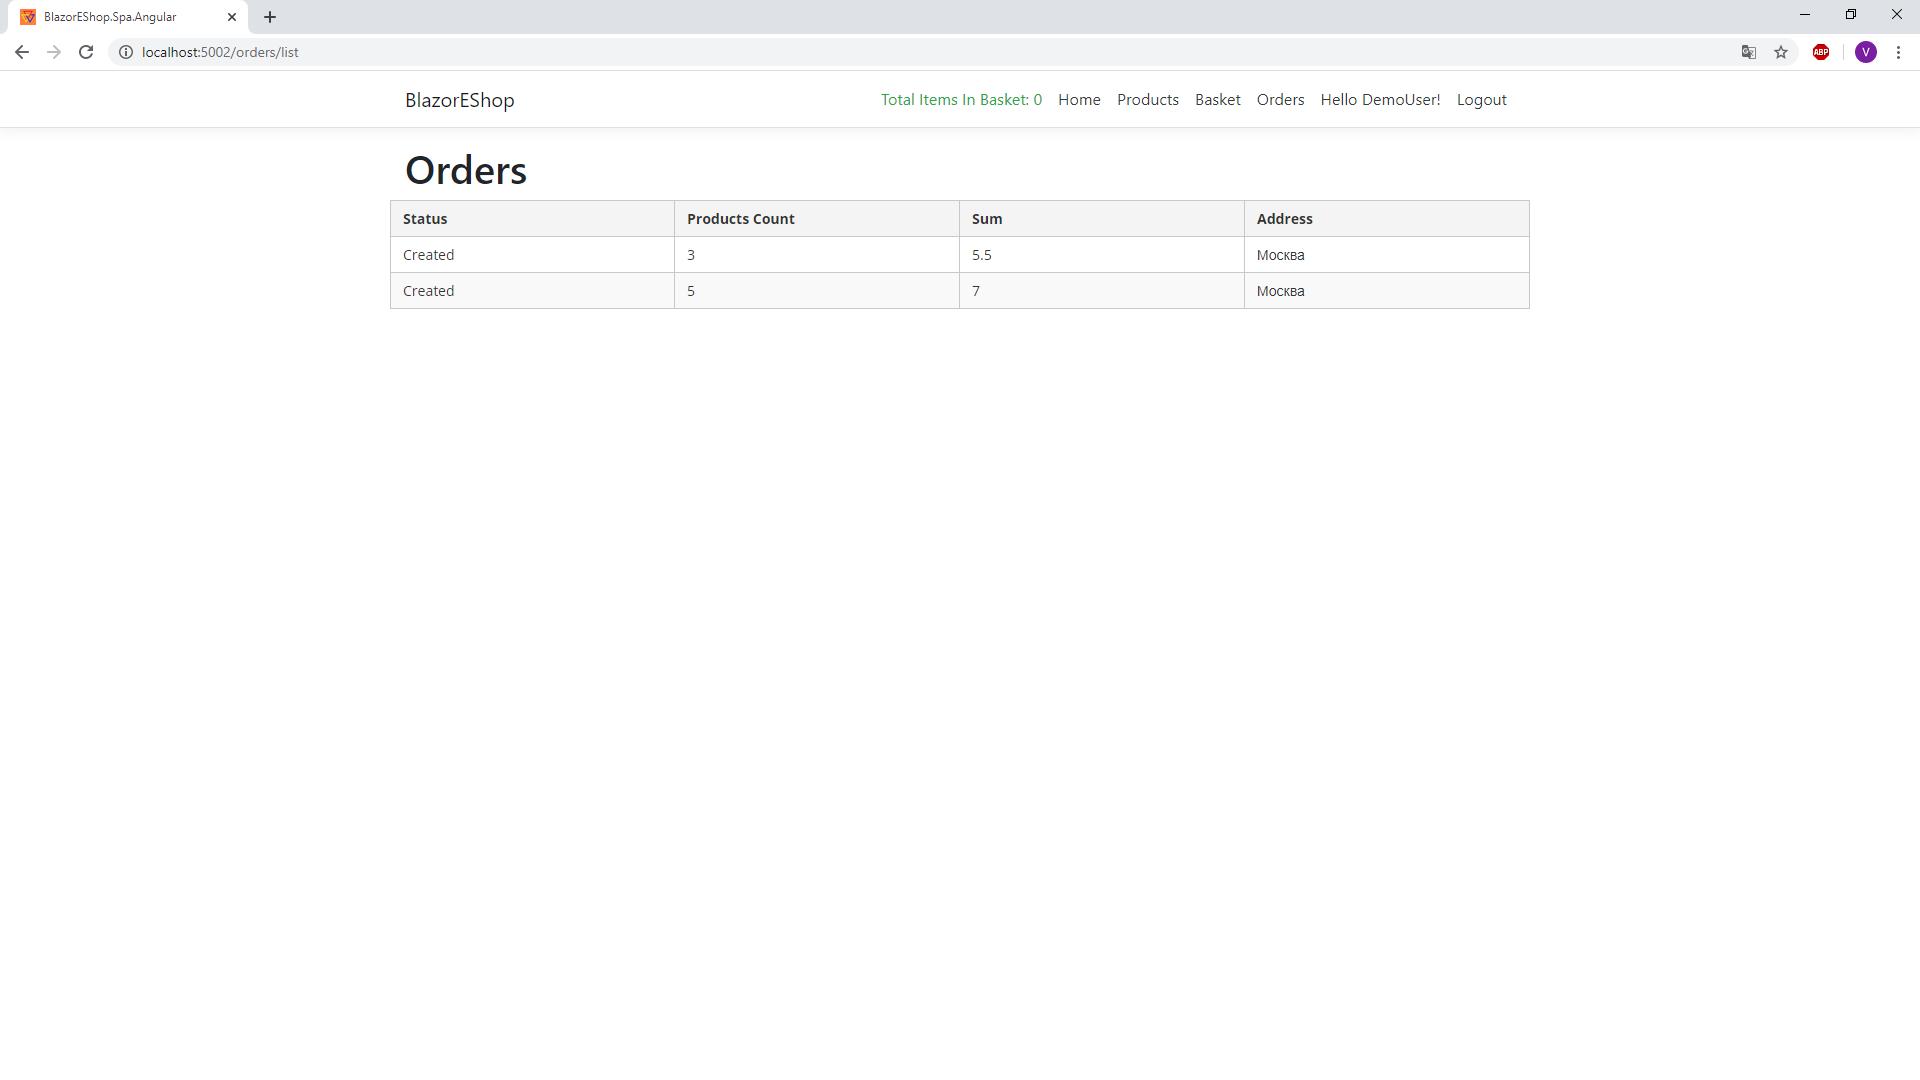 Blazor Client Side Интернет Магазин: Часть 6 — Создание заказа и работа с компенсирующими действиями — IT-МИР. ПОМОЩЬ В IT-МИРЕ 2020